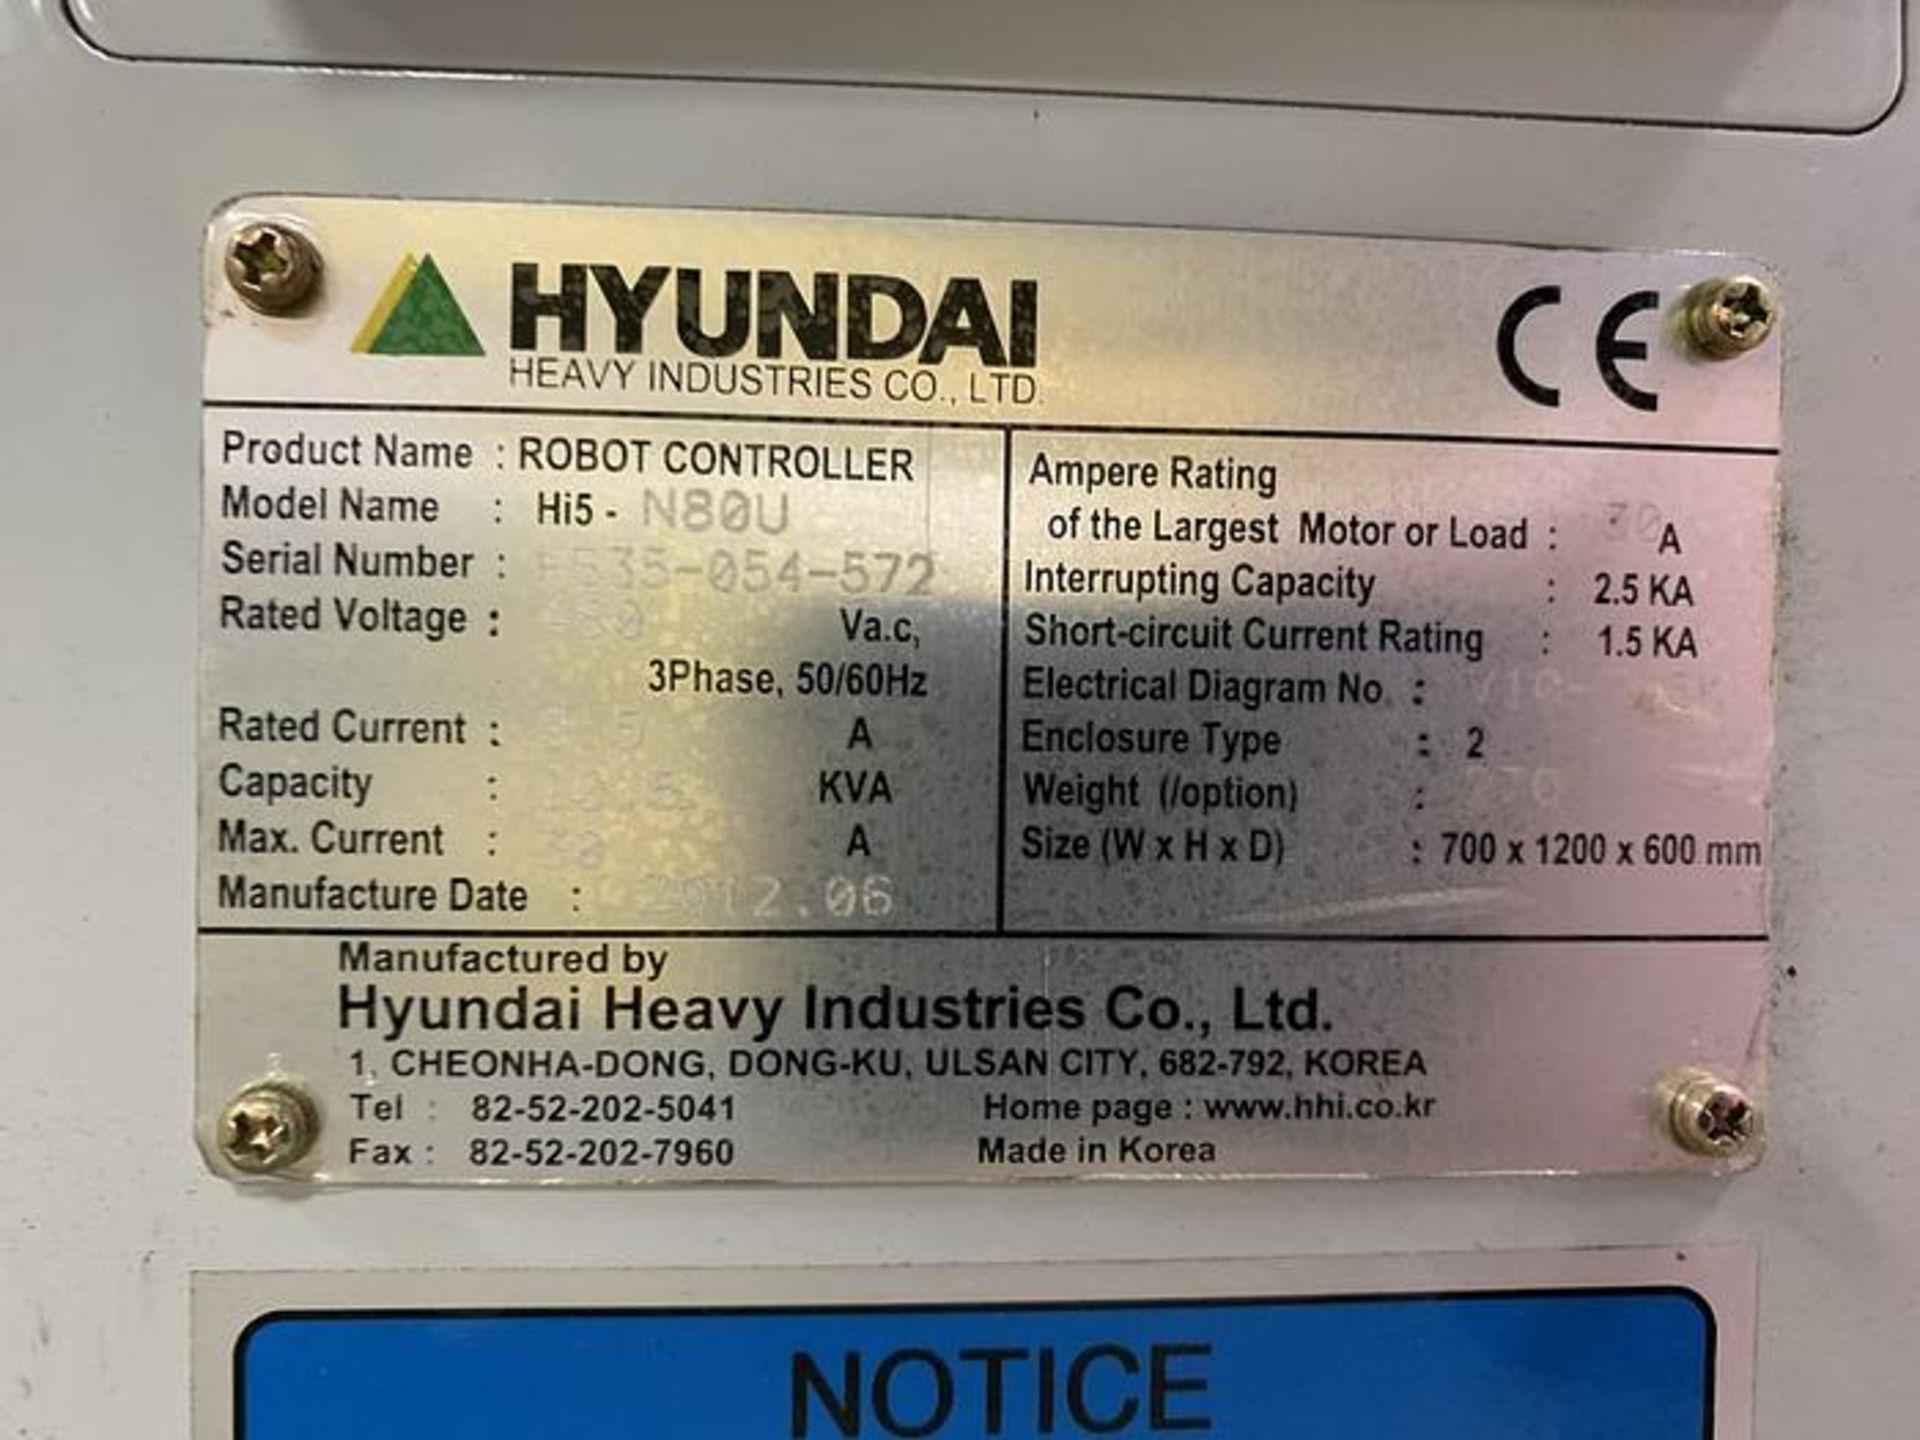 HYUNDIA MODEL HX400 400KG X 2573MM Hi5-N80U CONT. 6 AXIS CNC ROBOT, YEAR 2012, SN HB35-054-572 - Image 16 of 21